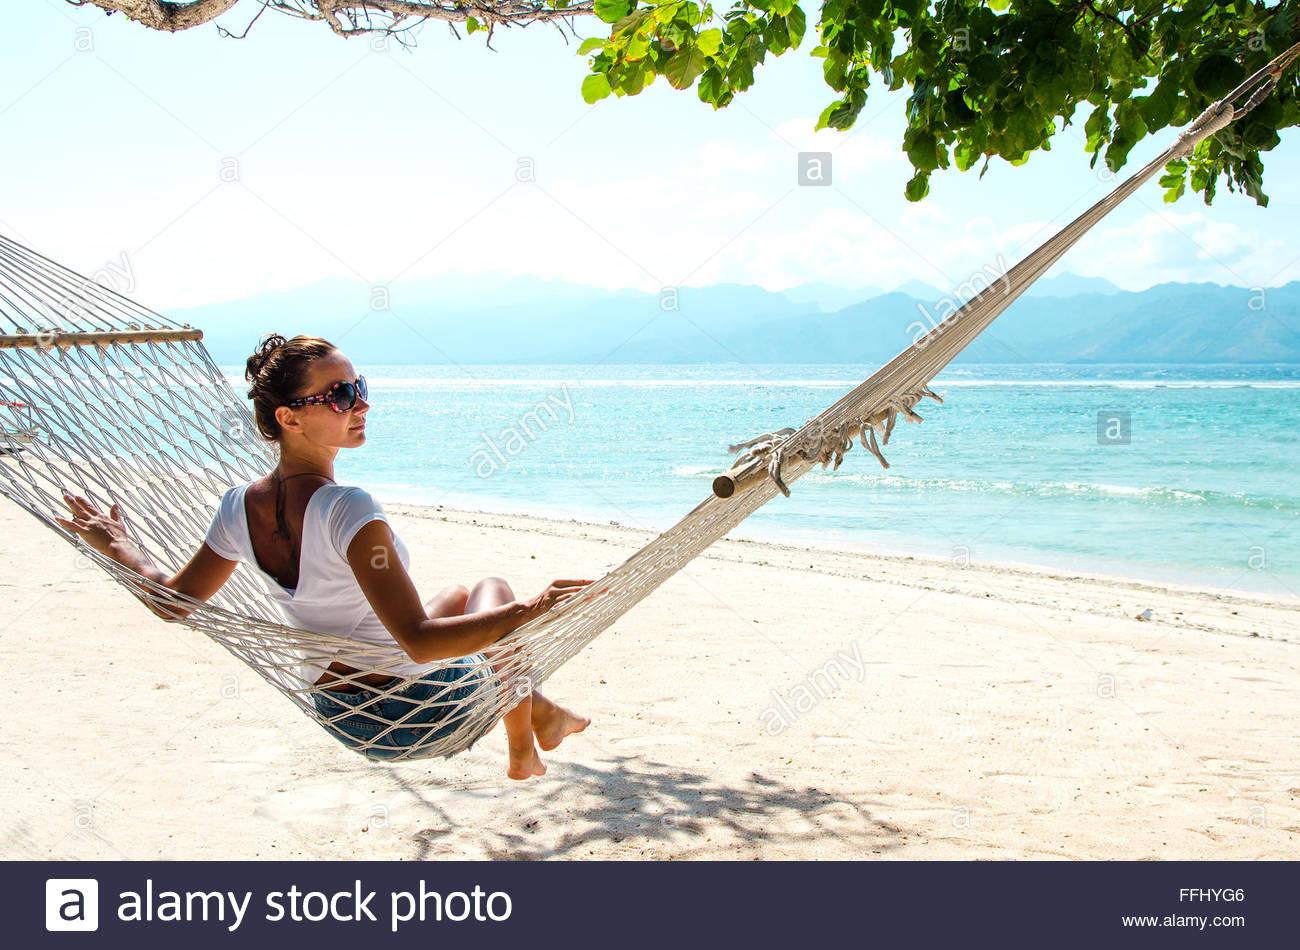 Girl relaxing in hammock sur la plage près de l'océan bleu. Bali, Indonésie. Le point de droit. Banque D'Images